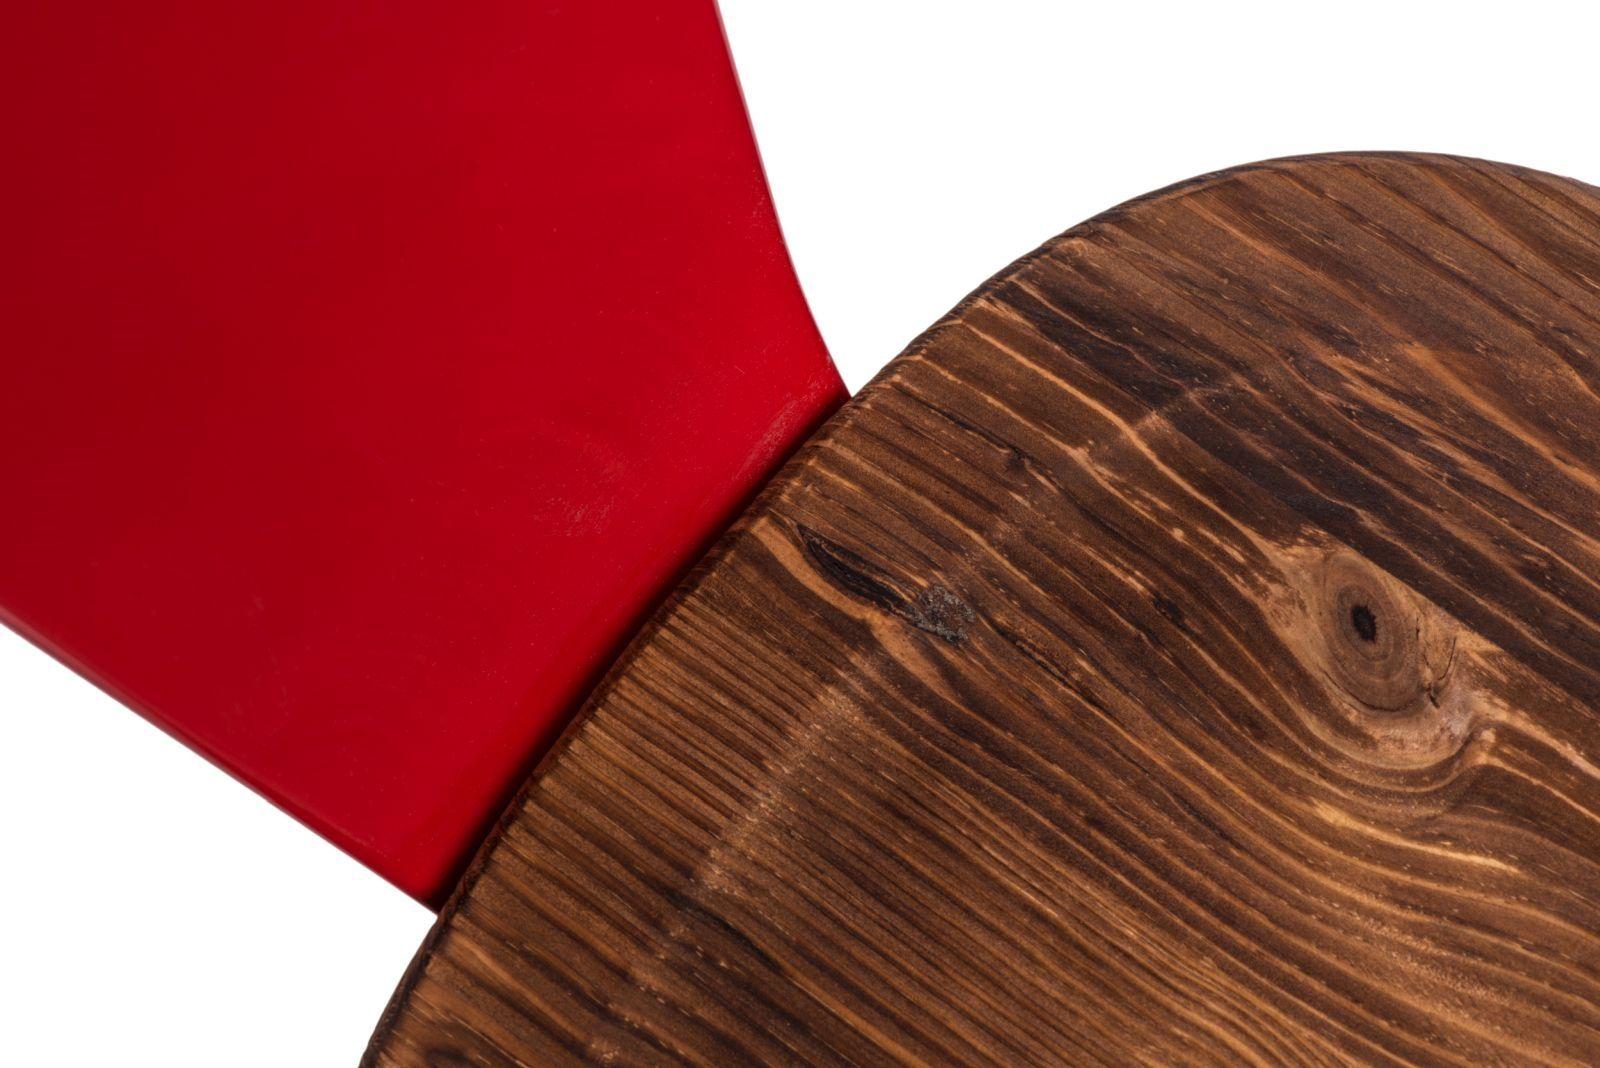 D2 Krzesło Paris Arms Wood czerwony sosna